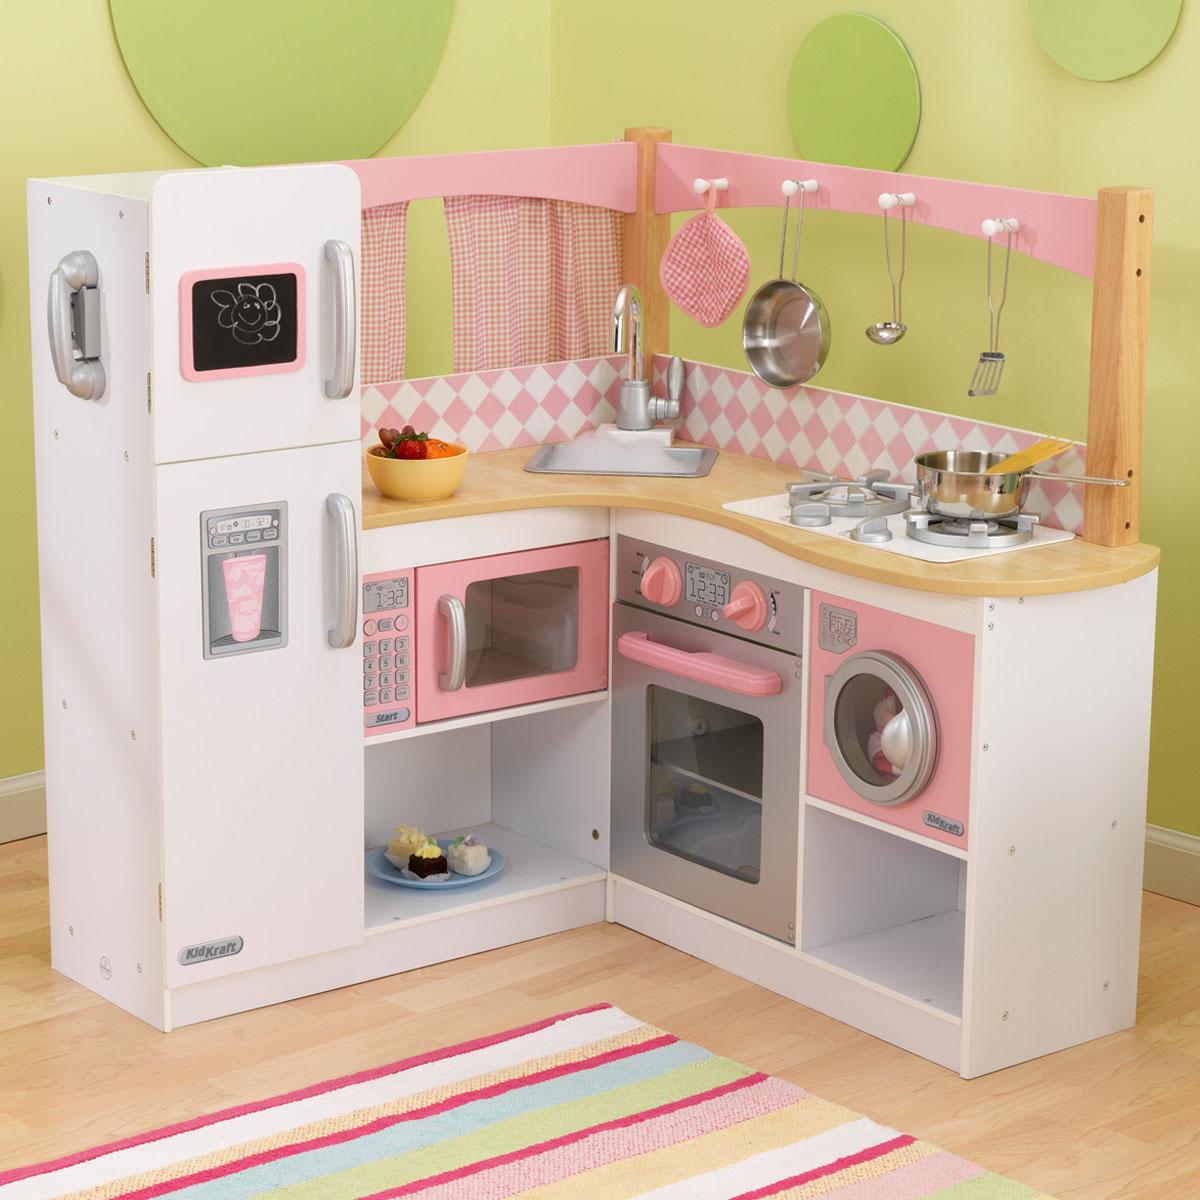 Grand Gourmet Corner Kitchen 53185